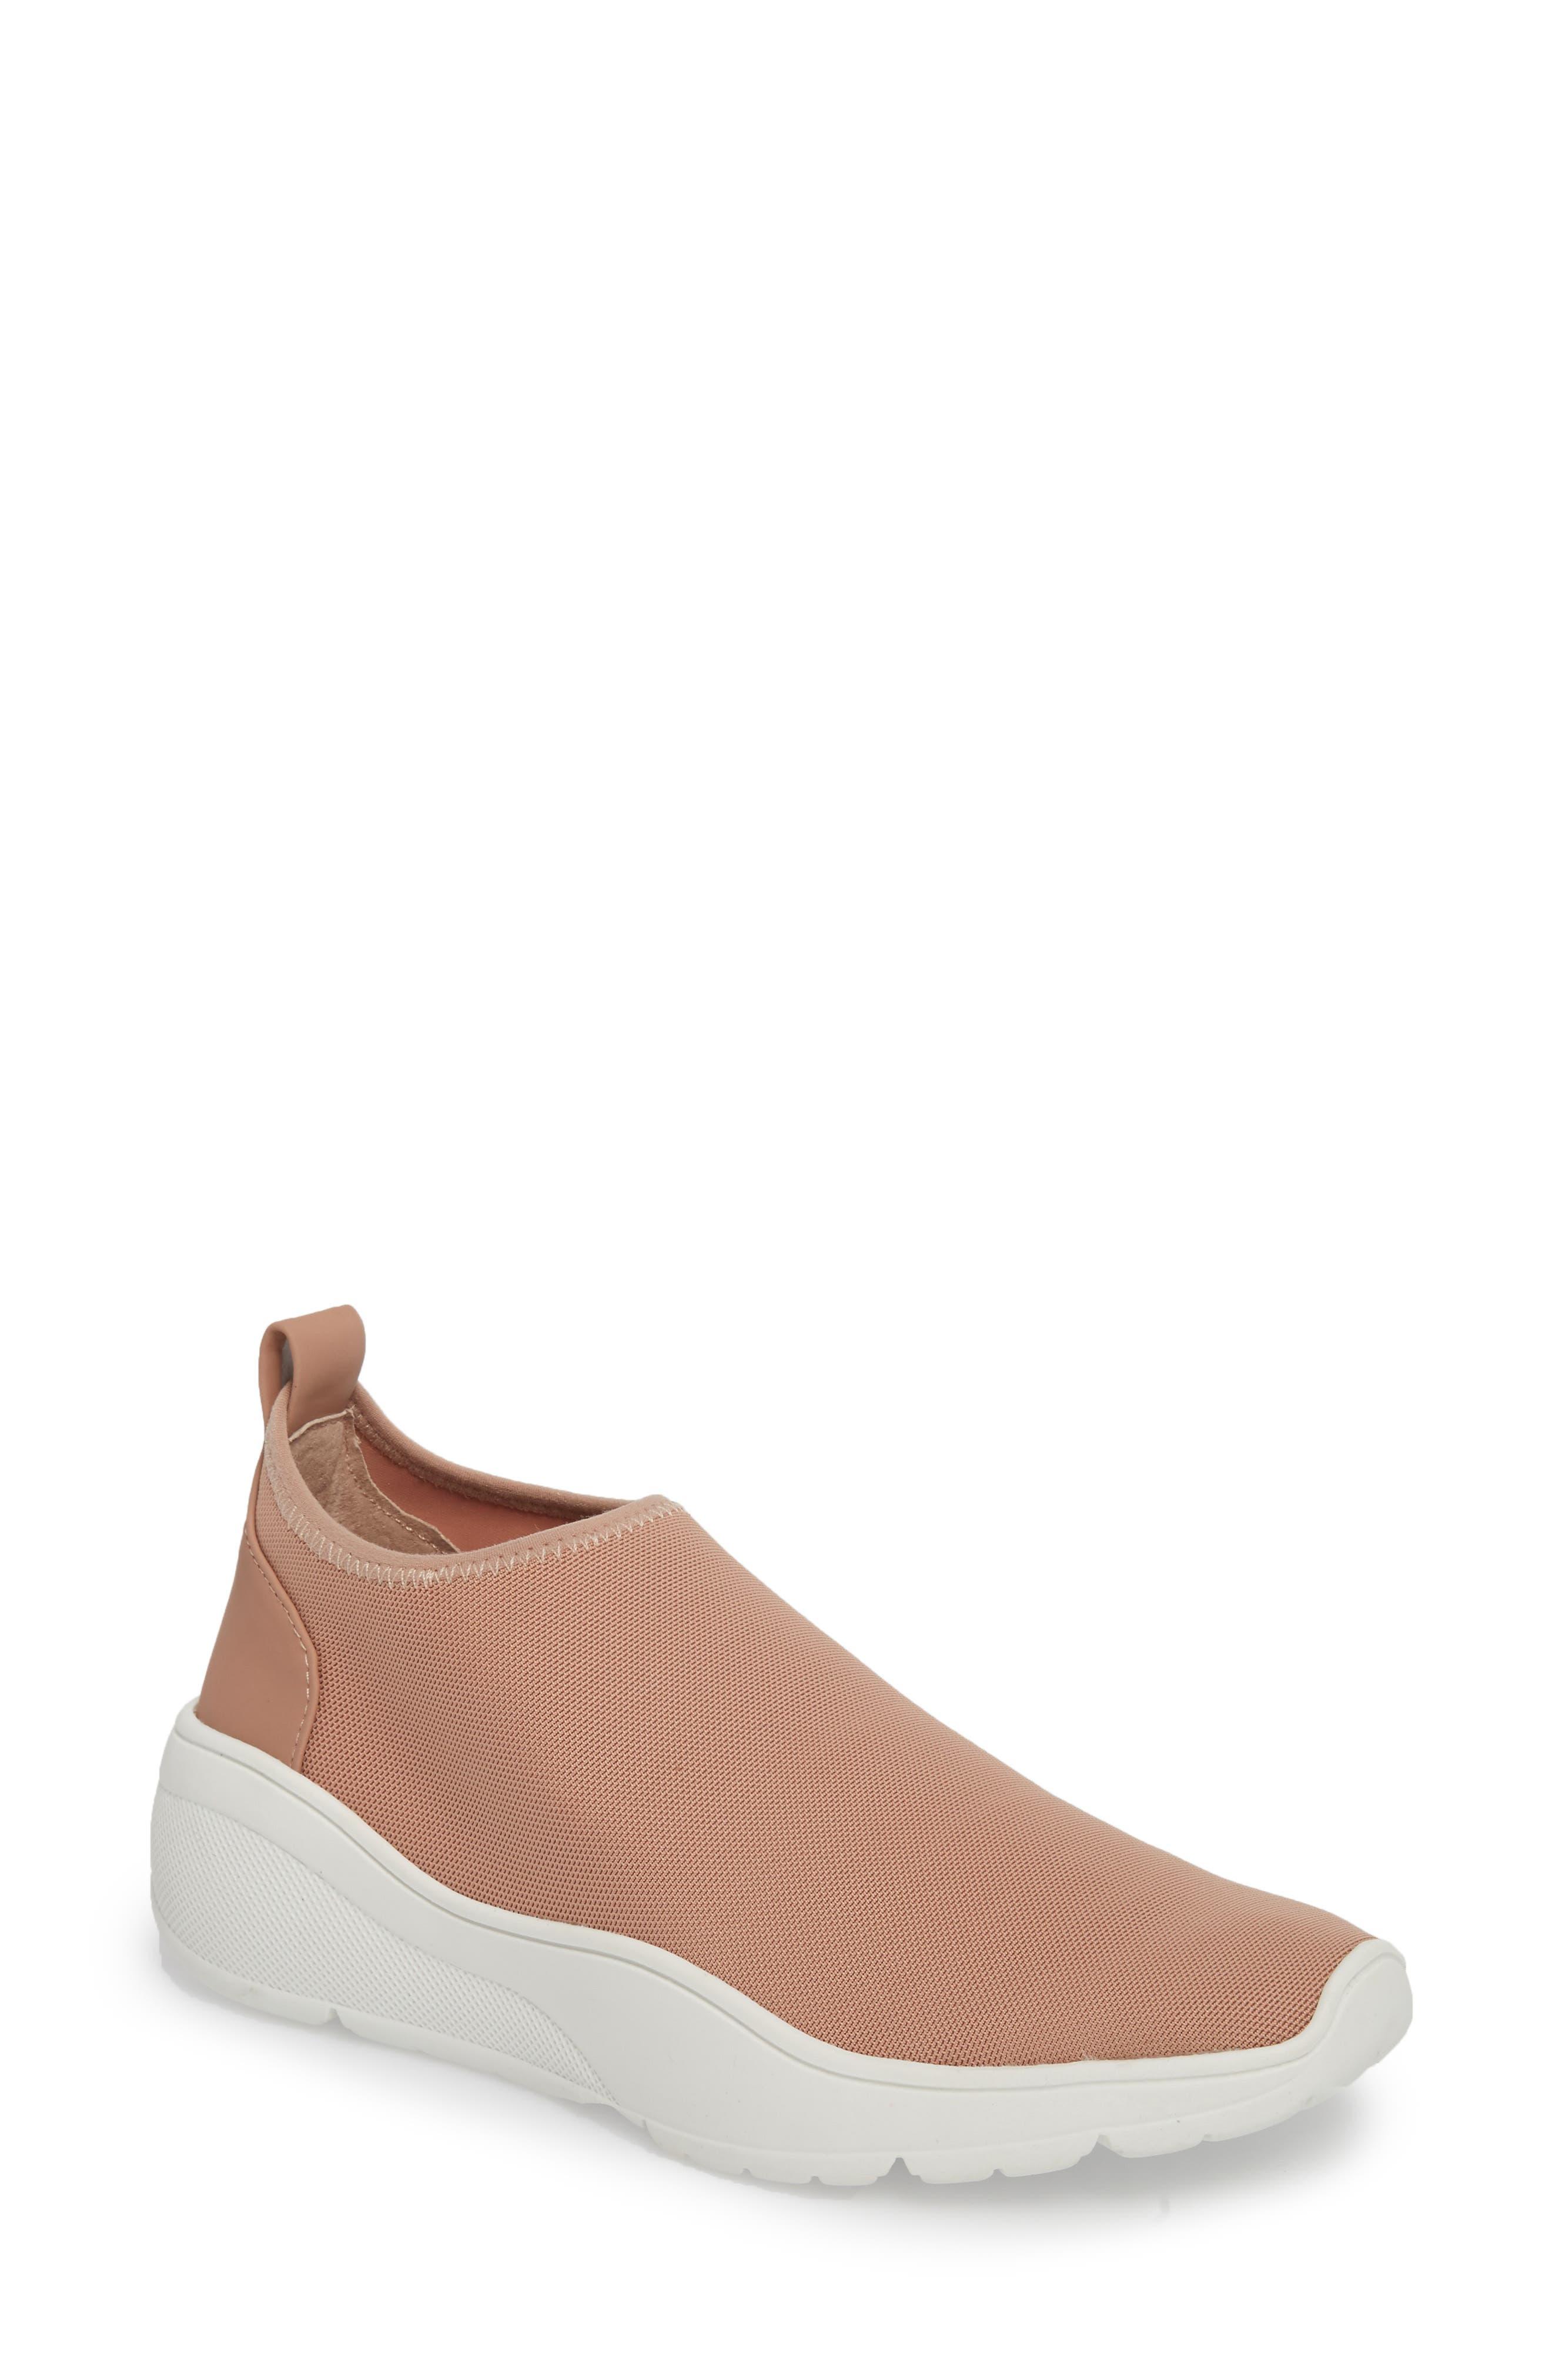 Floren Slip-On Sneaker,                         Main,                         color, Blush